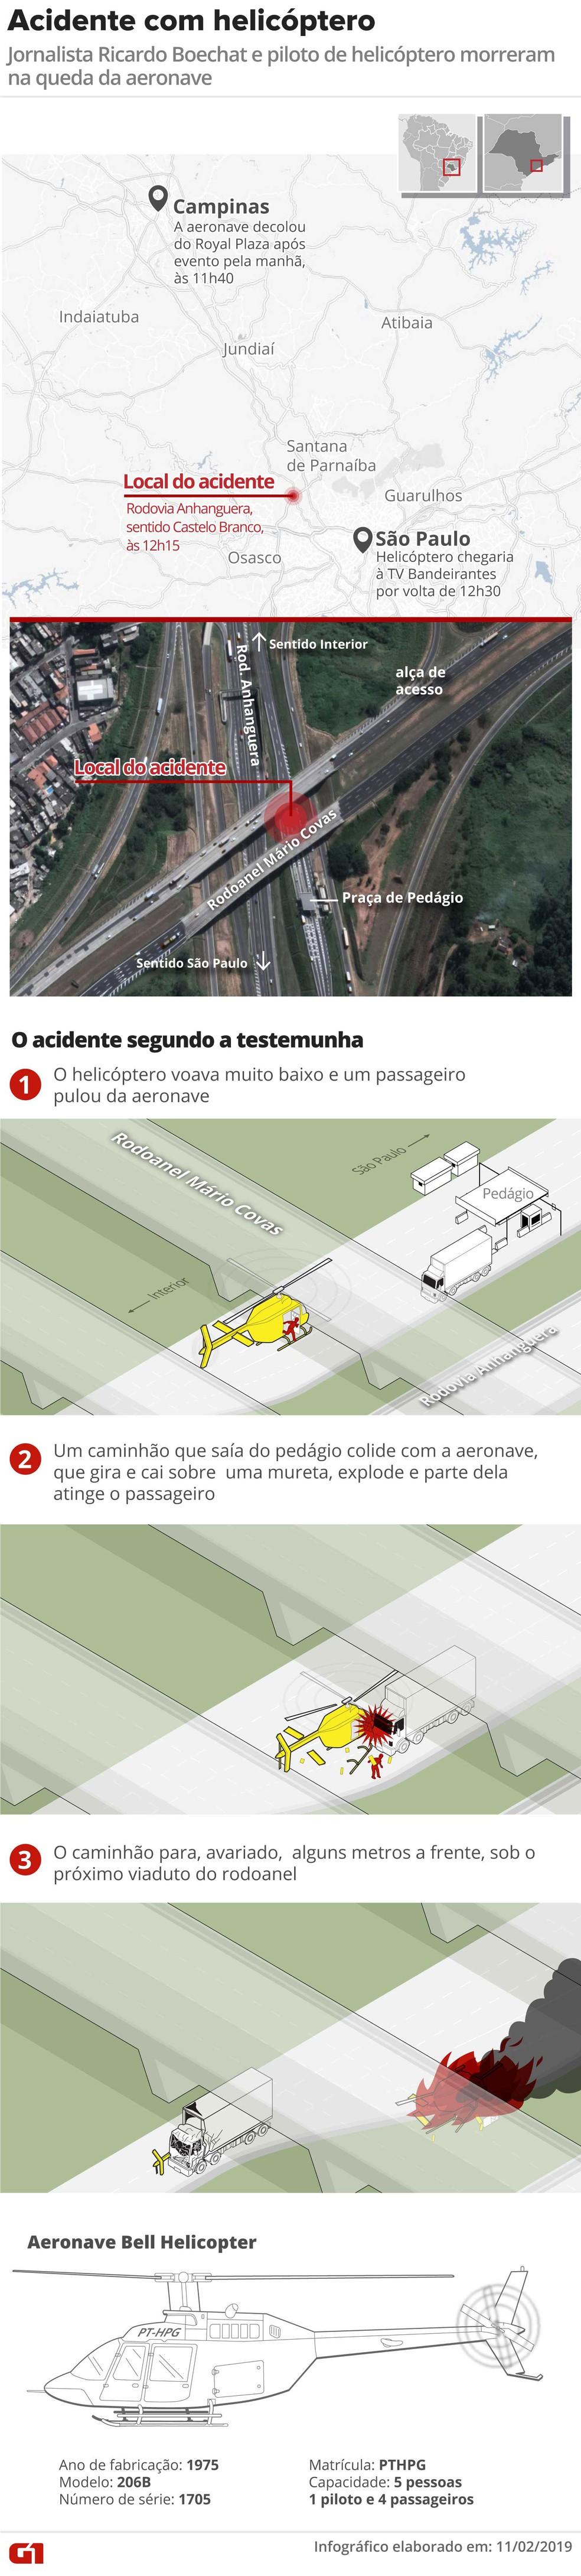 Veja como foi o acidente com o helicóptero segundo testemunh — Foto: Alexandre Mauro/Editoria de Arte/G1